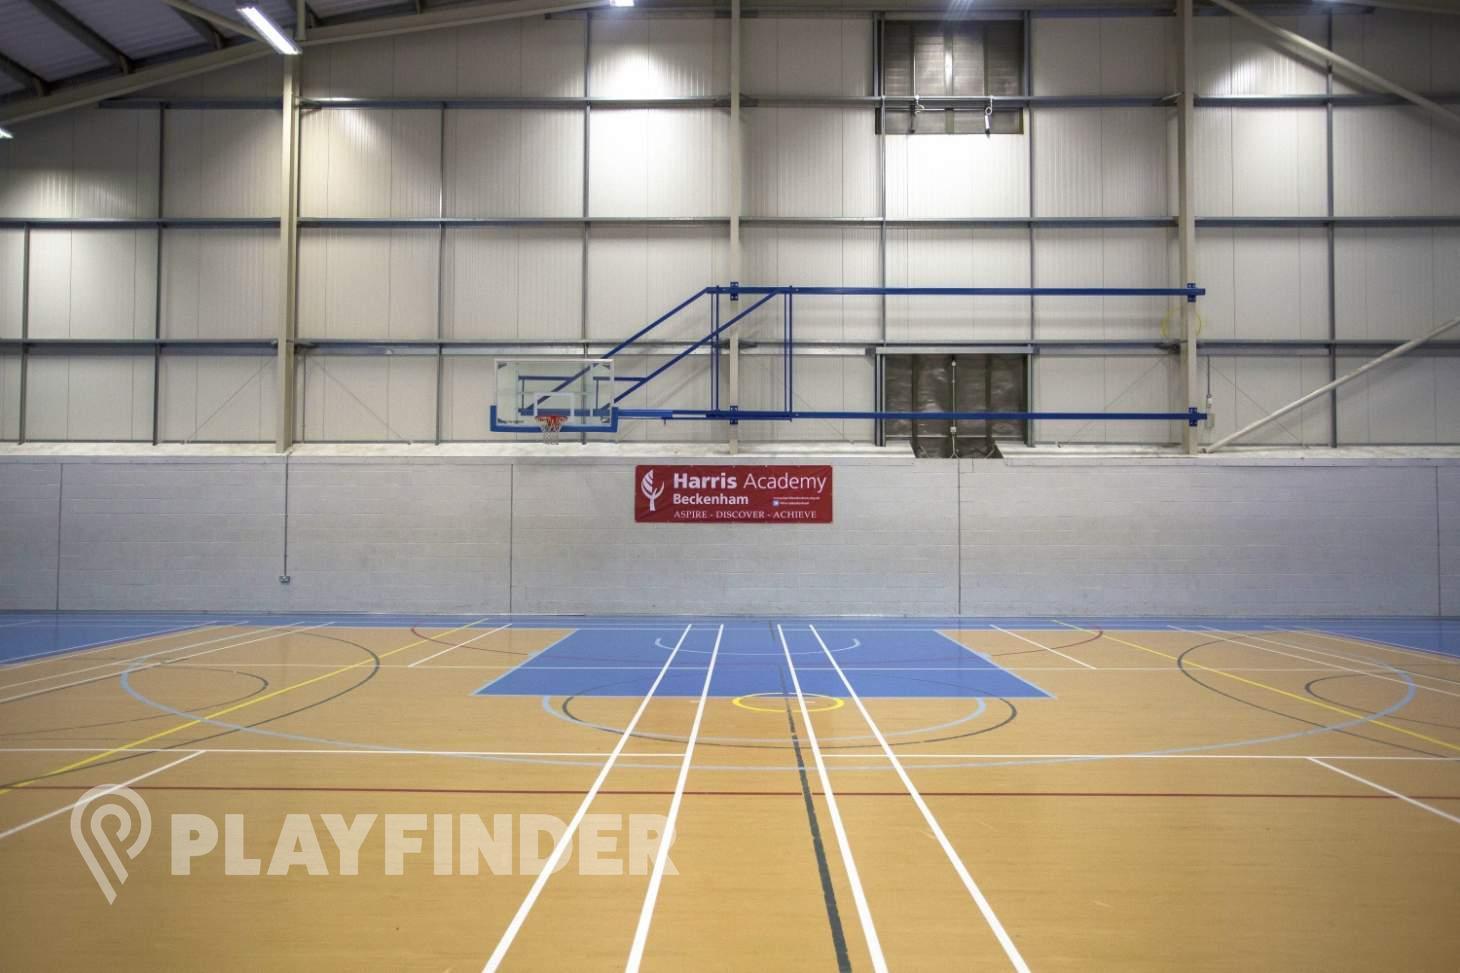 Harris Academy Beckenham Indoor   Hard badminton court